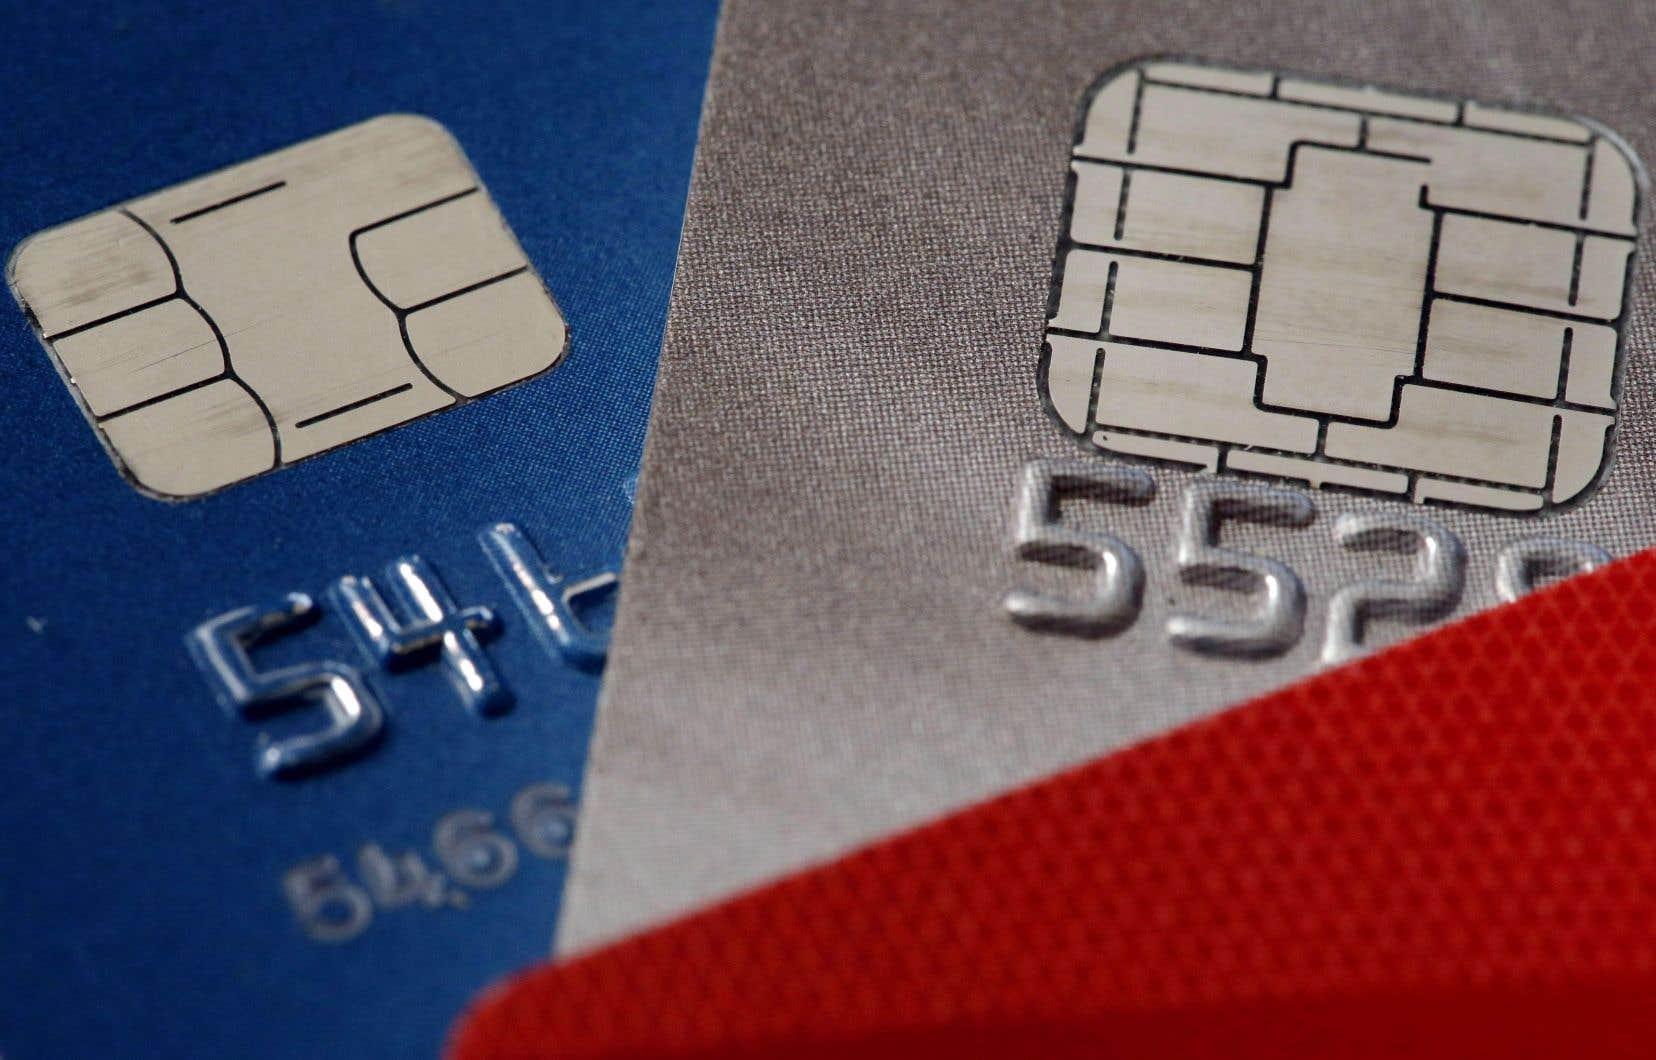 Au Canada, il y a 1,71$ de dette sur le marché du crédit pour chaque dollar de revenu disponible des ménages.